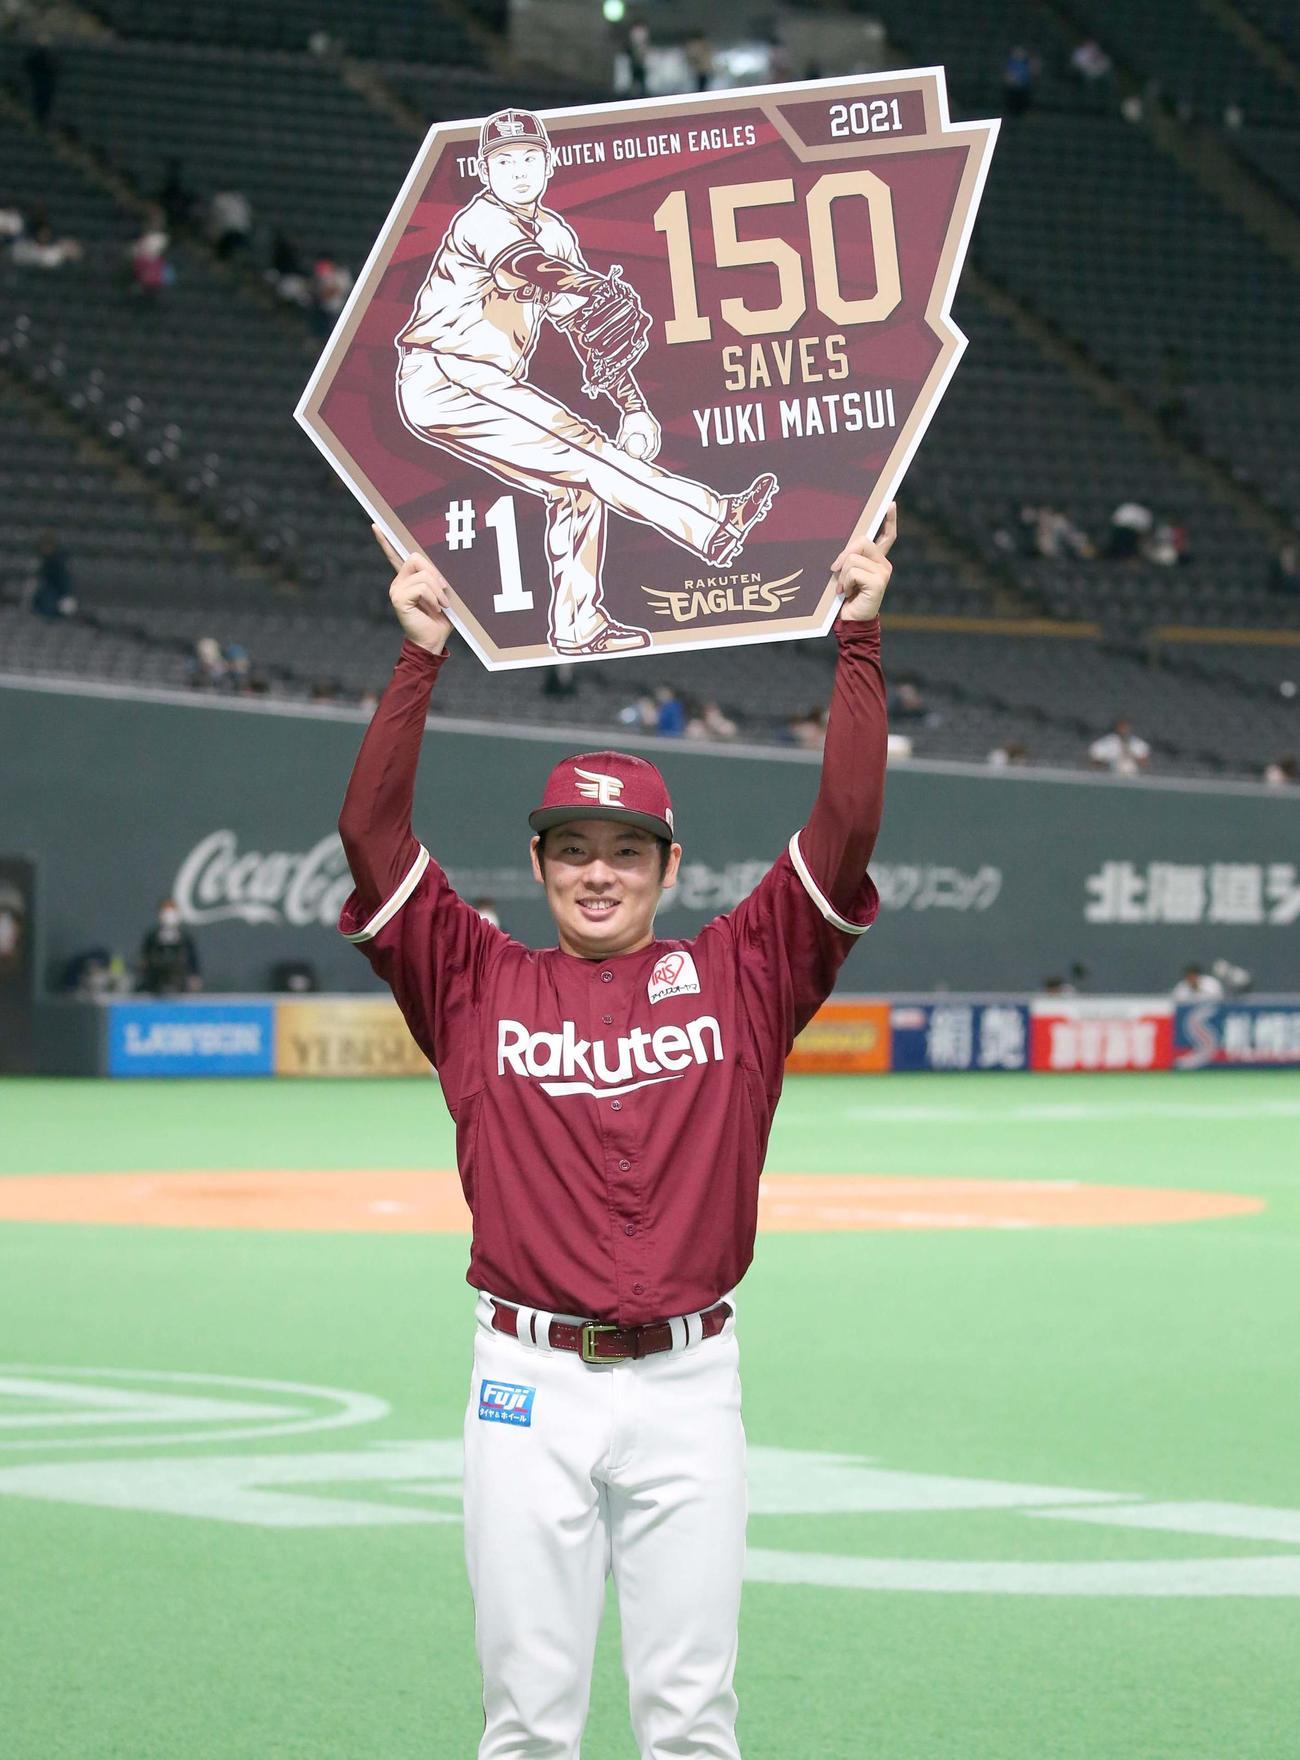 日本ハム対楽天 通算150セーブを達成し記念ボードを掲げる松井裕樹(撮影・黒川智章)